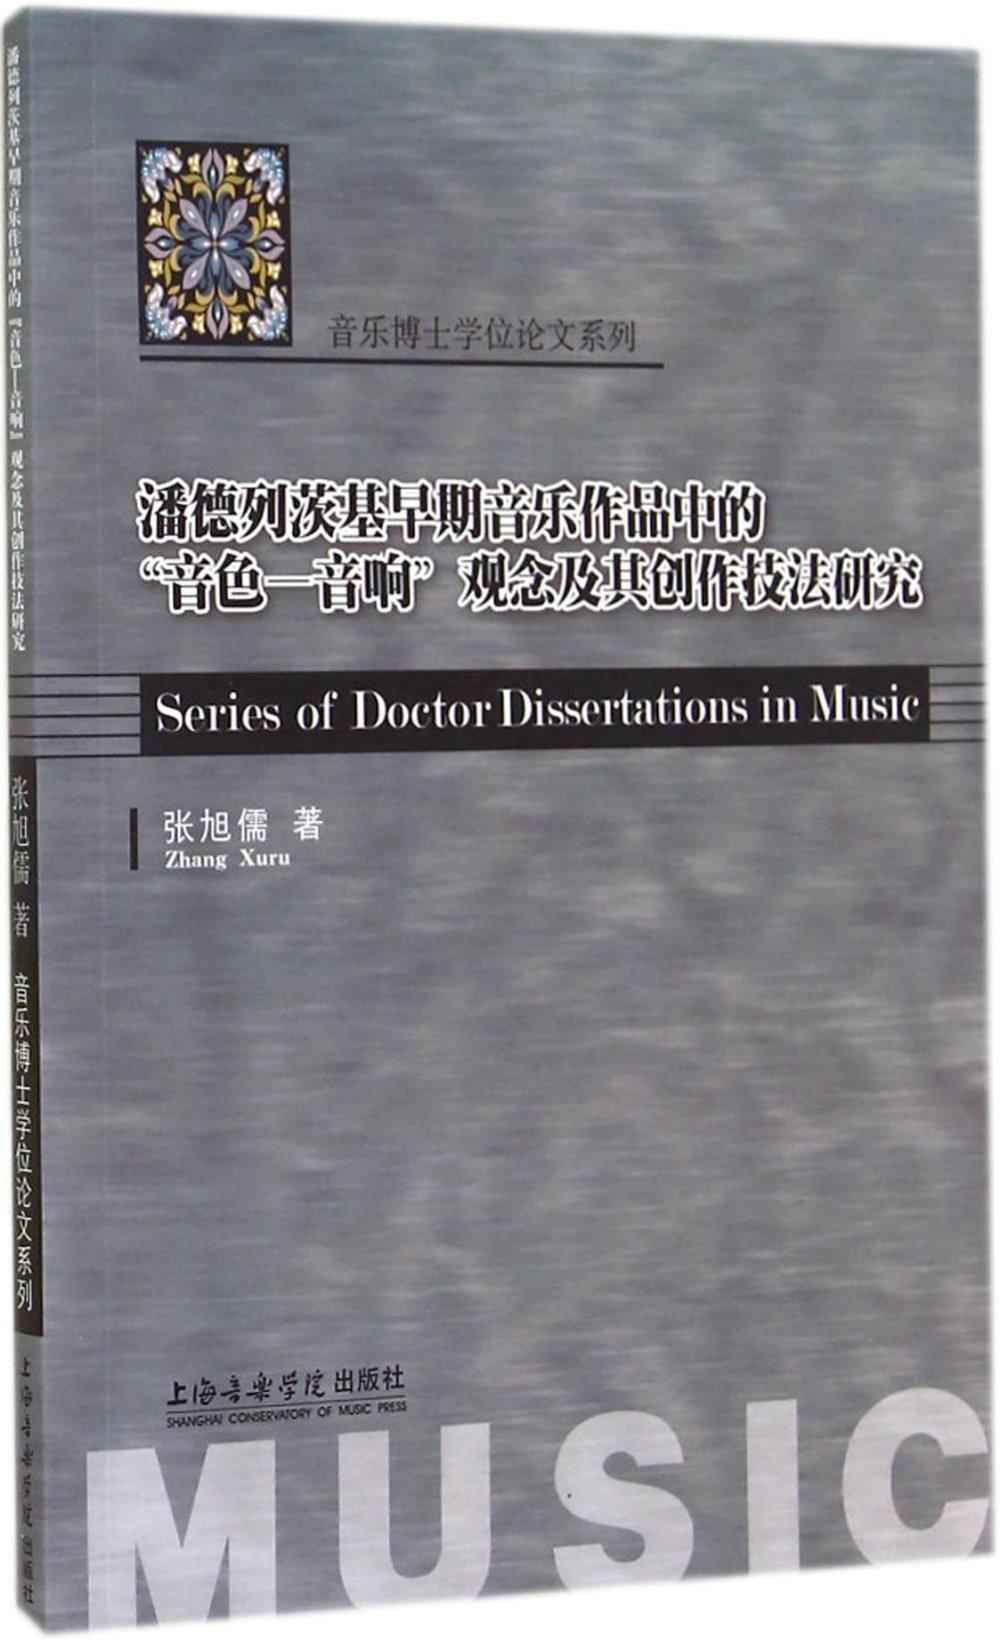 潘德列茨基早期音樂作品中的~音色~音響~觀念及其創作技法研究